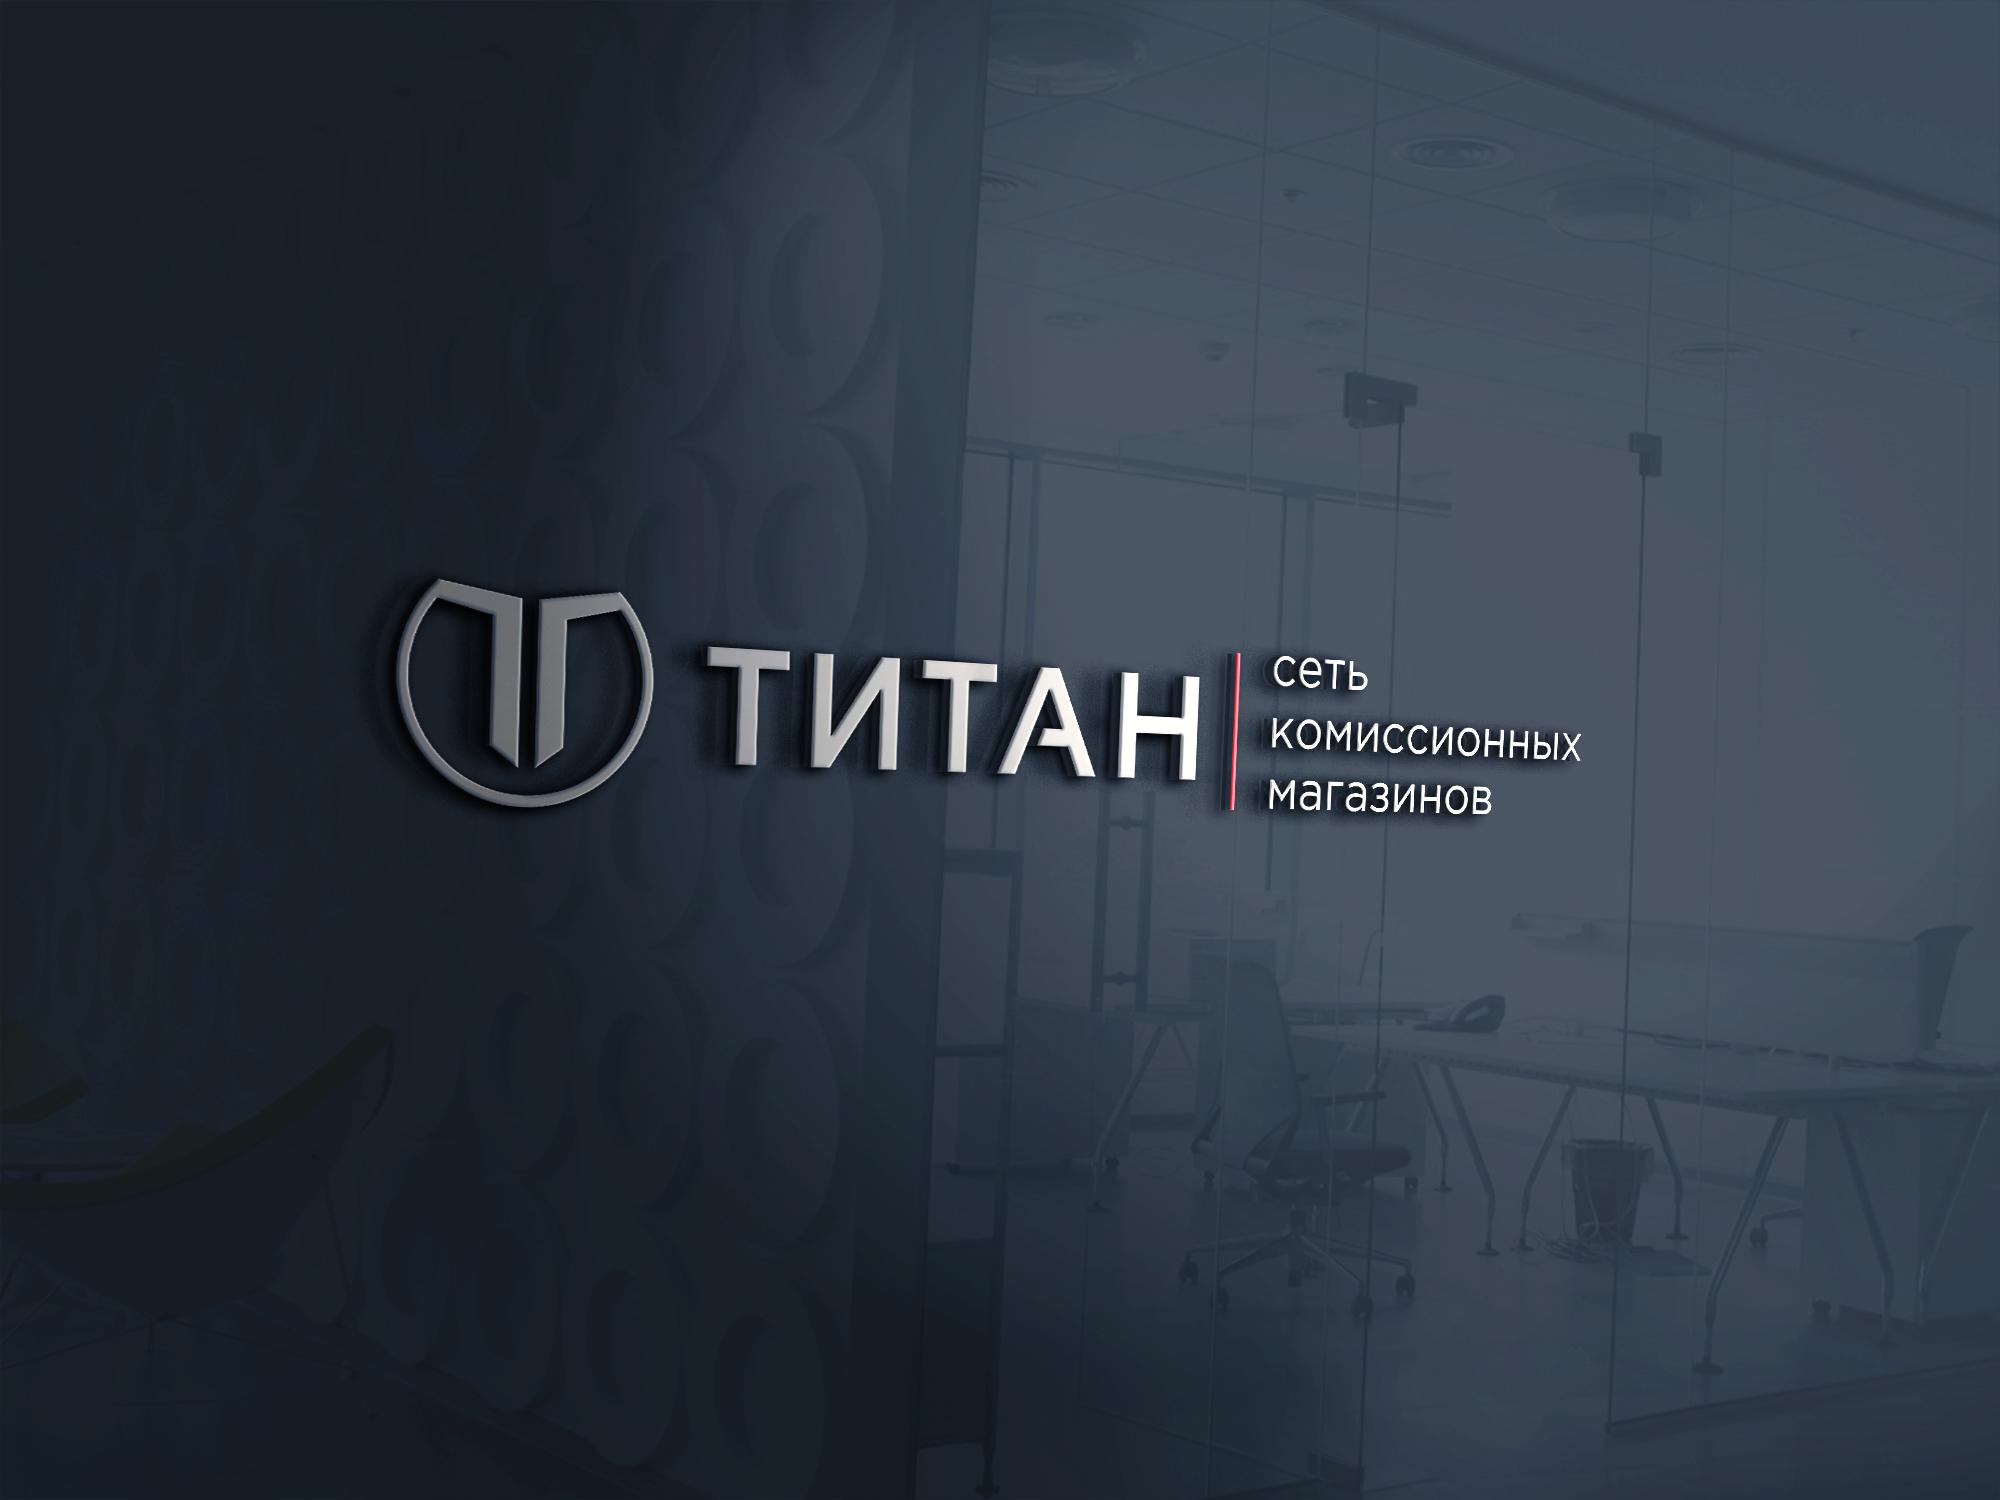 Разработка логотипа (срочно) фото f_4255d49949302c52.jpg